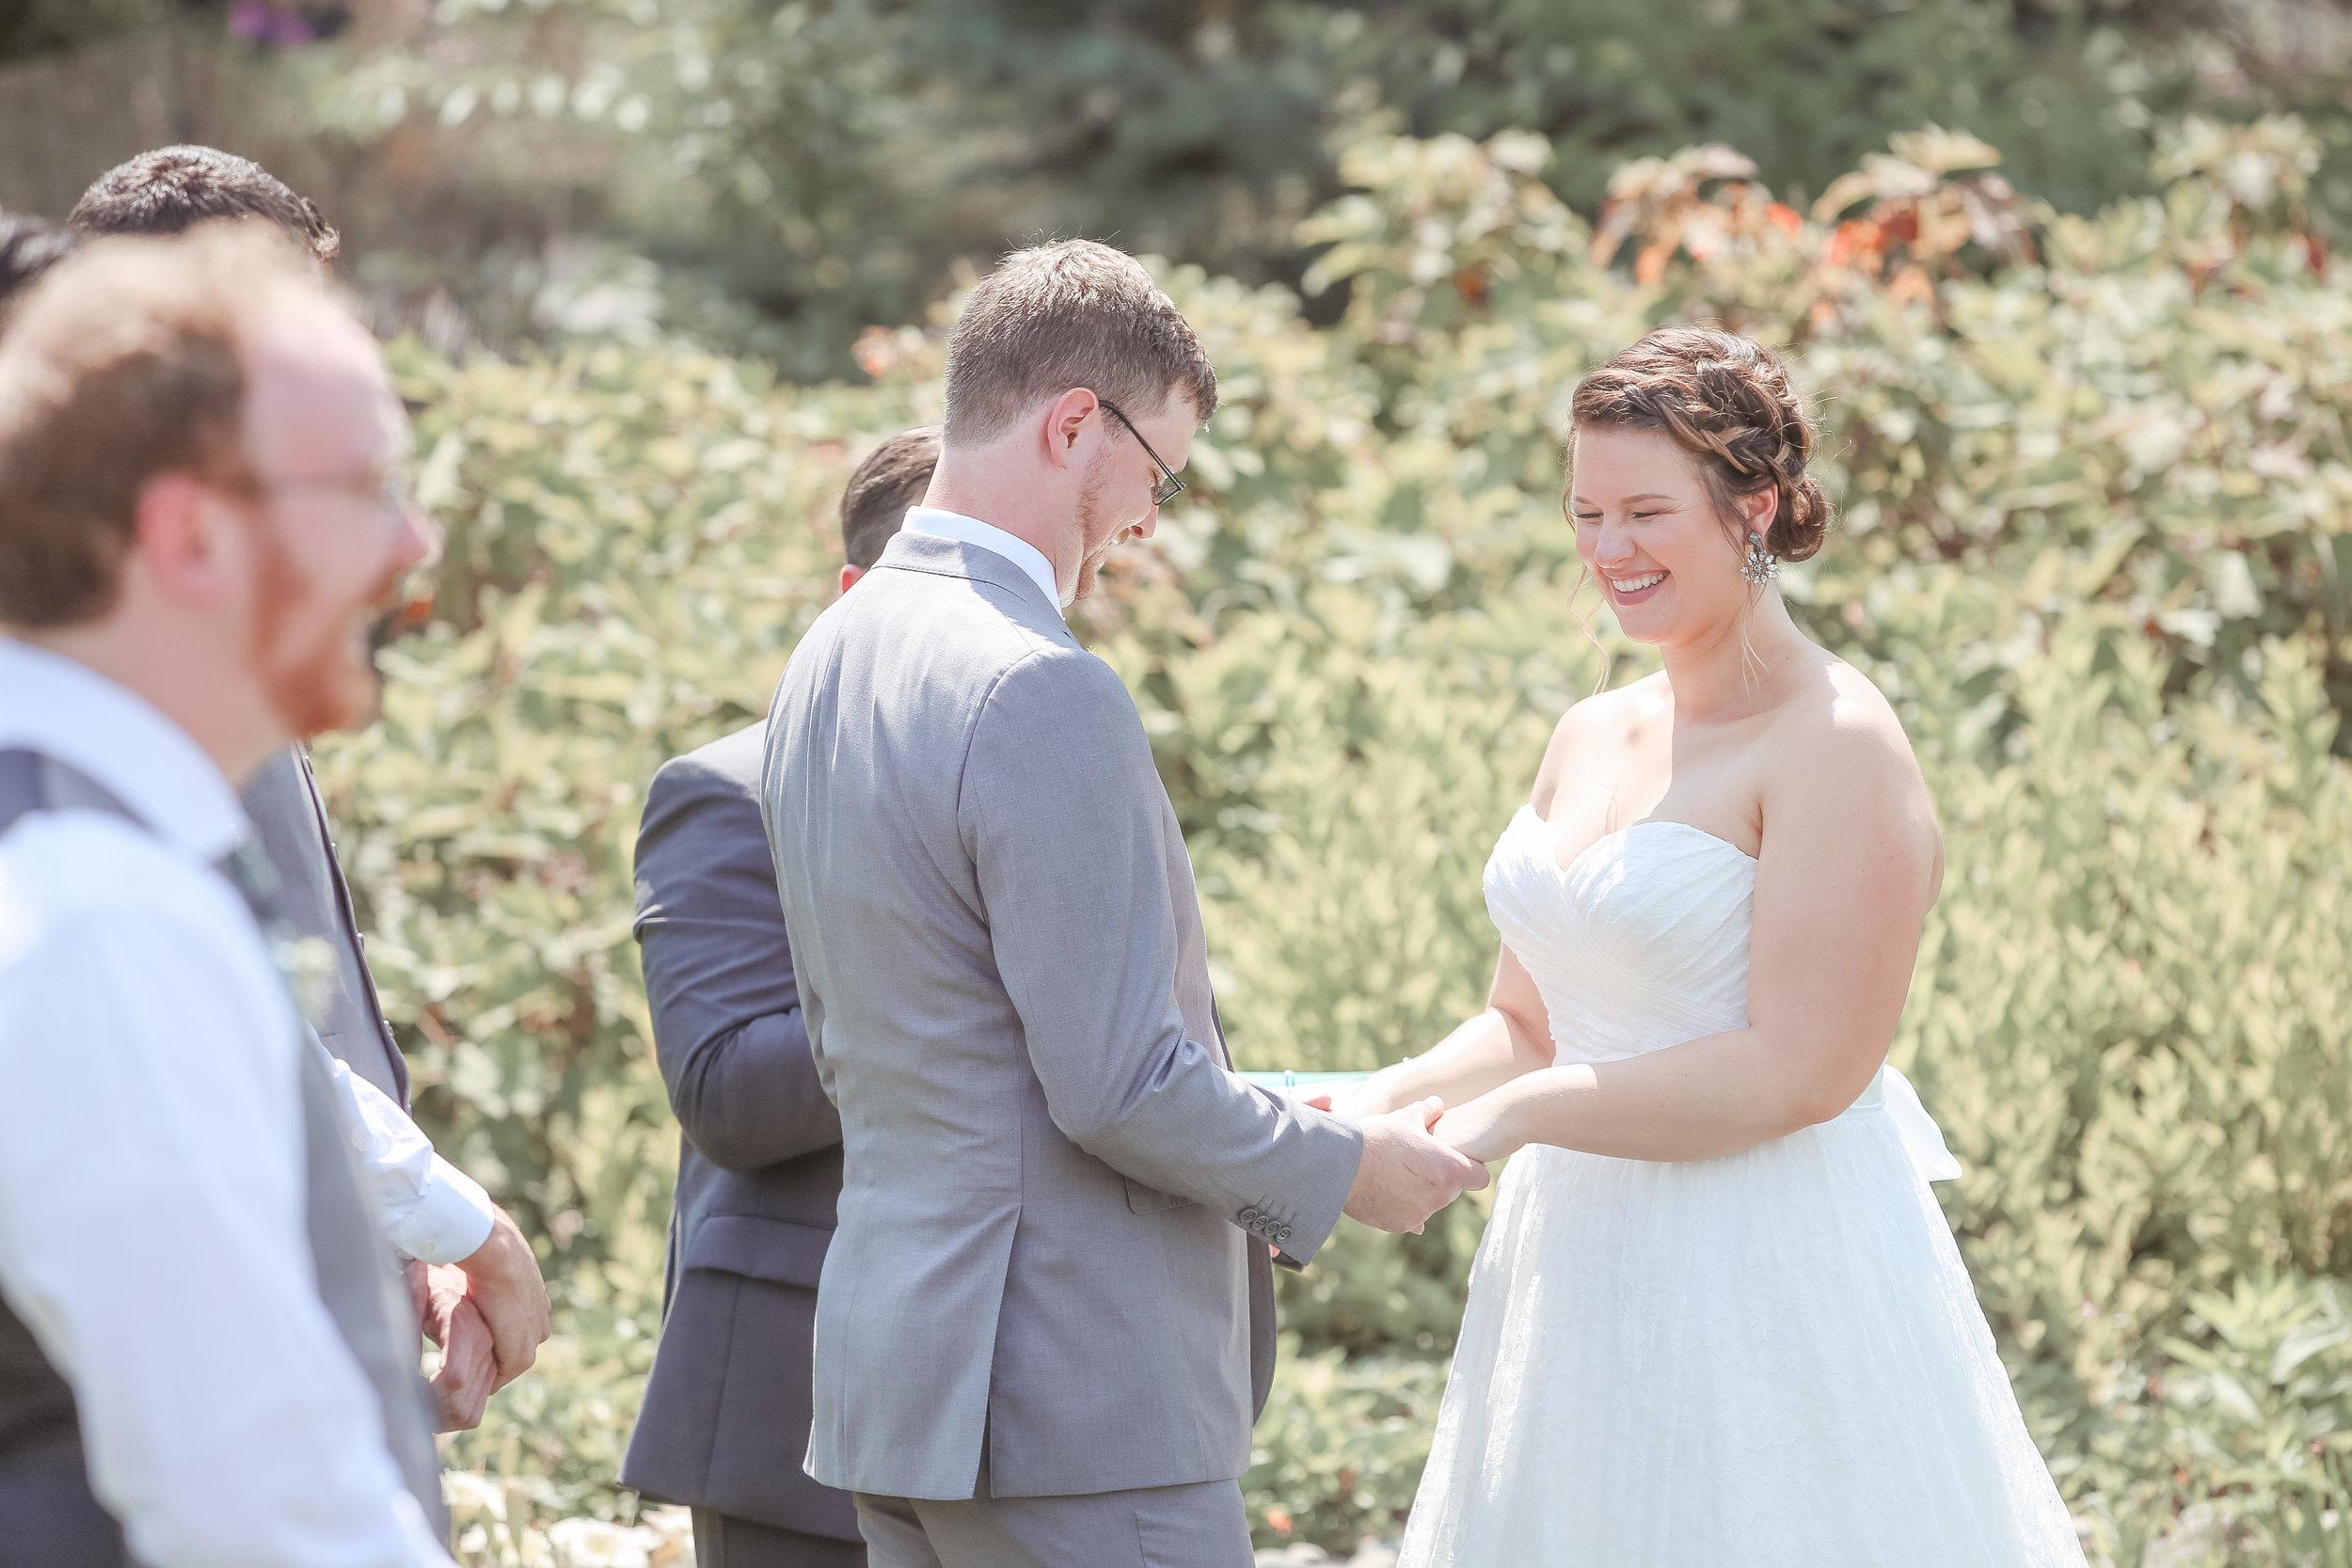 C_Wedding_Sarver, Alyssa & Scott_FOR BLOG-79.JPG